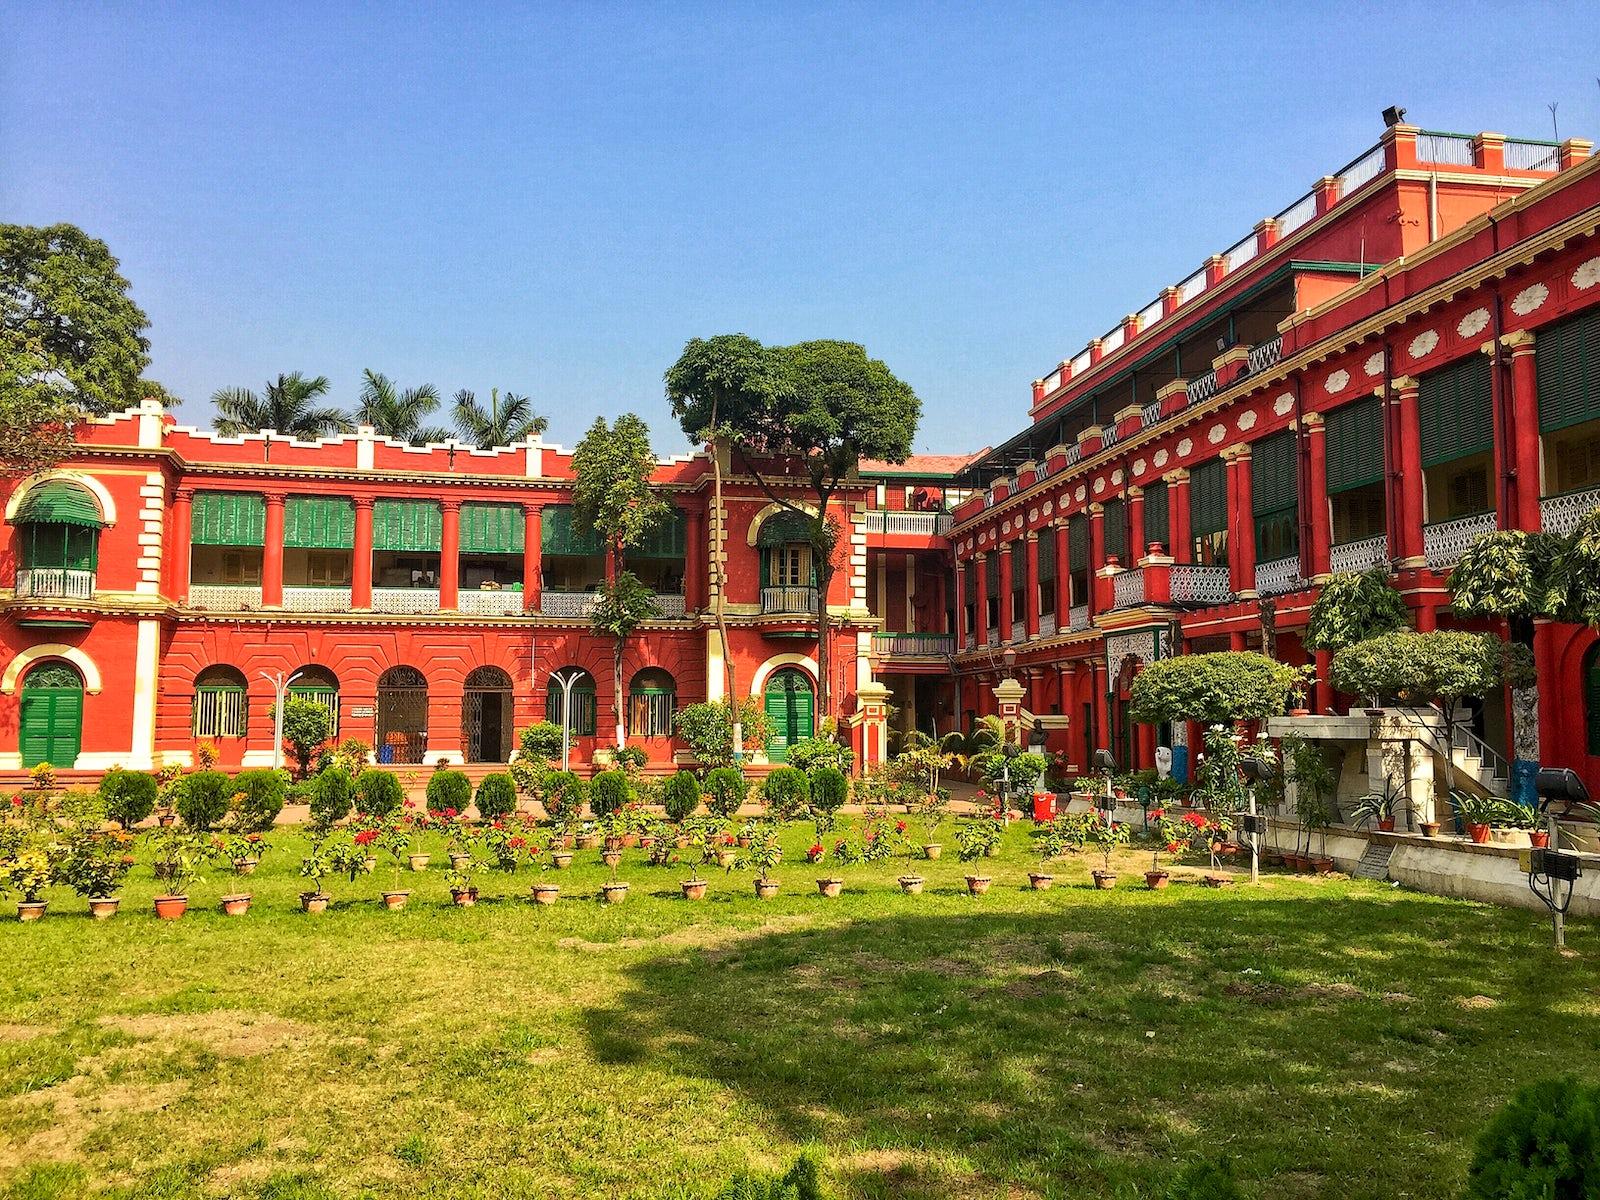 © Wikipedia/ Kinjal Bose